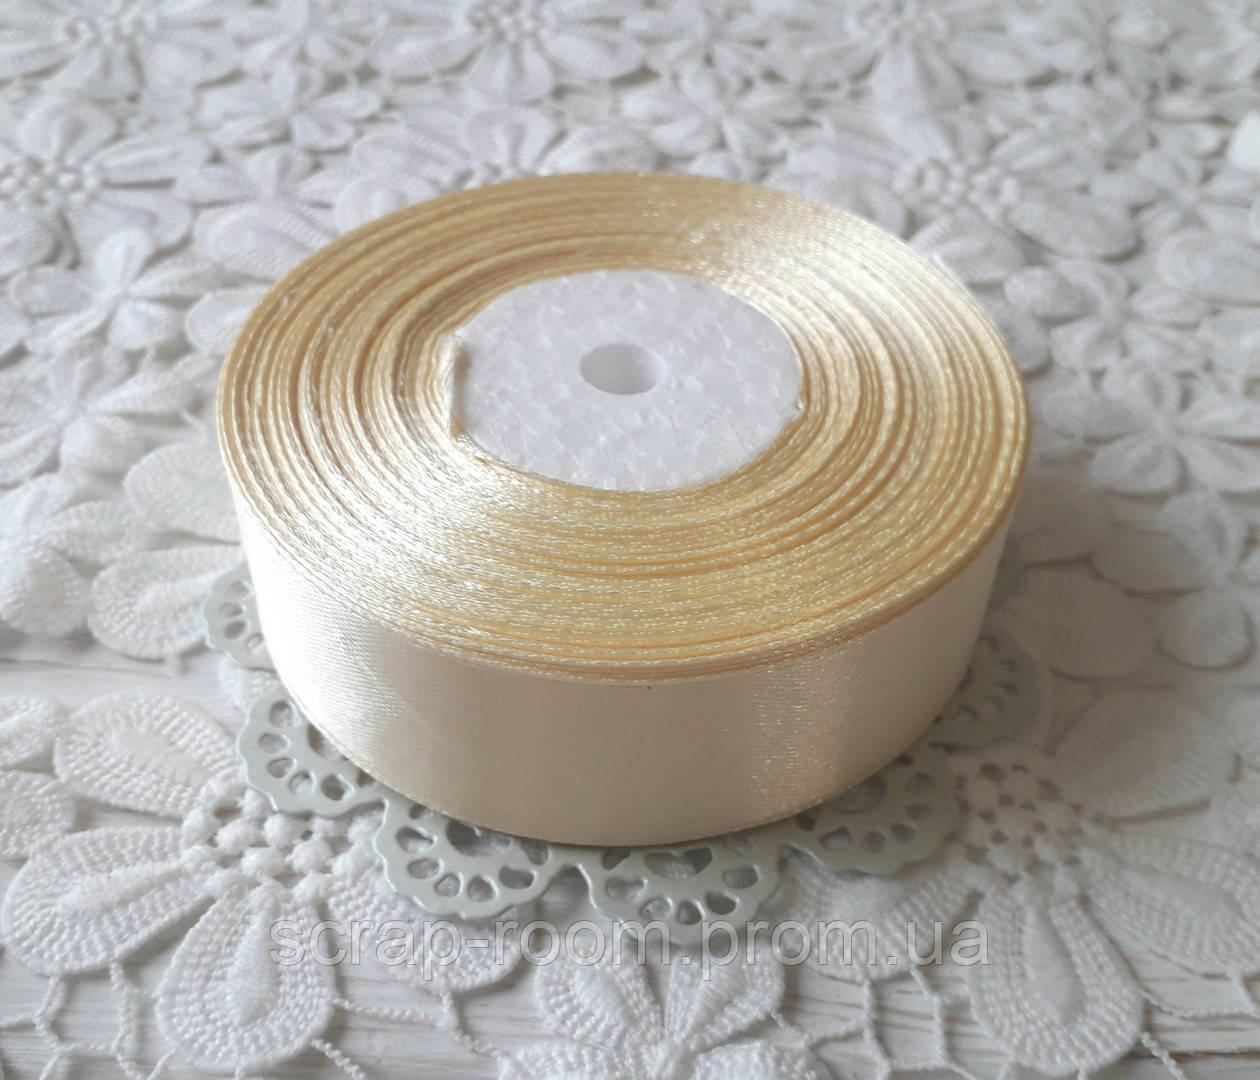 Лента атласная 2,5 см молочная, лента молочная атлас, лента атлас молочная, цена за метр